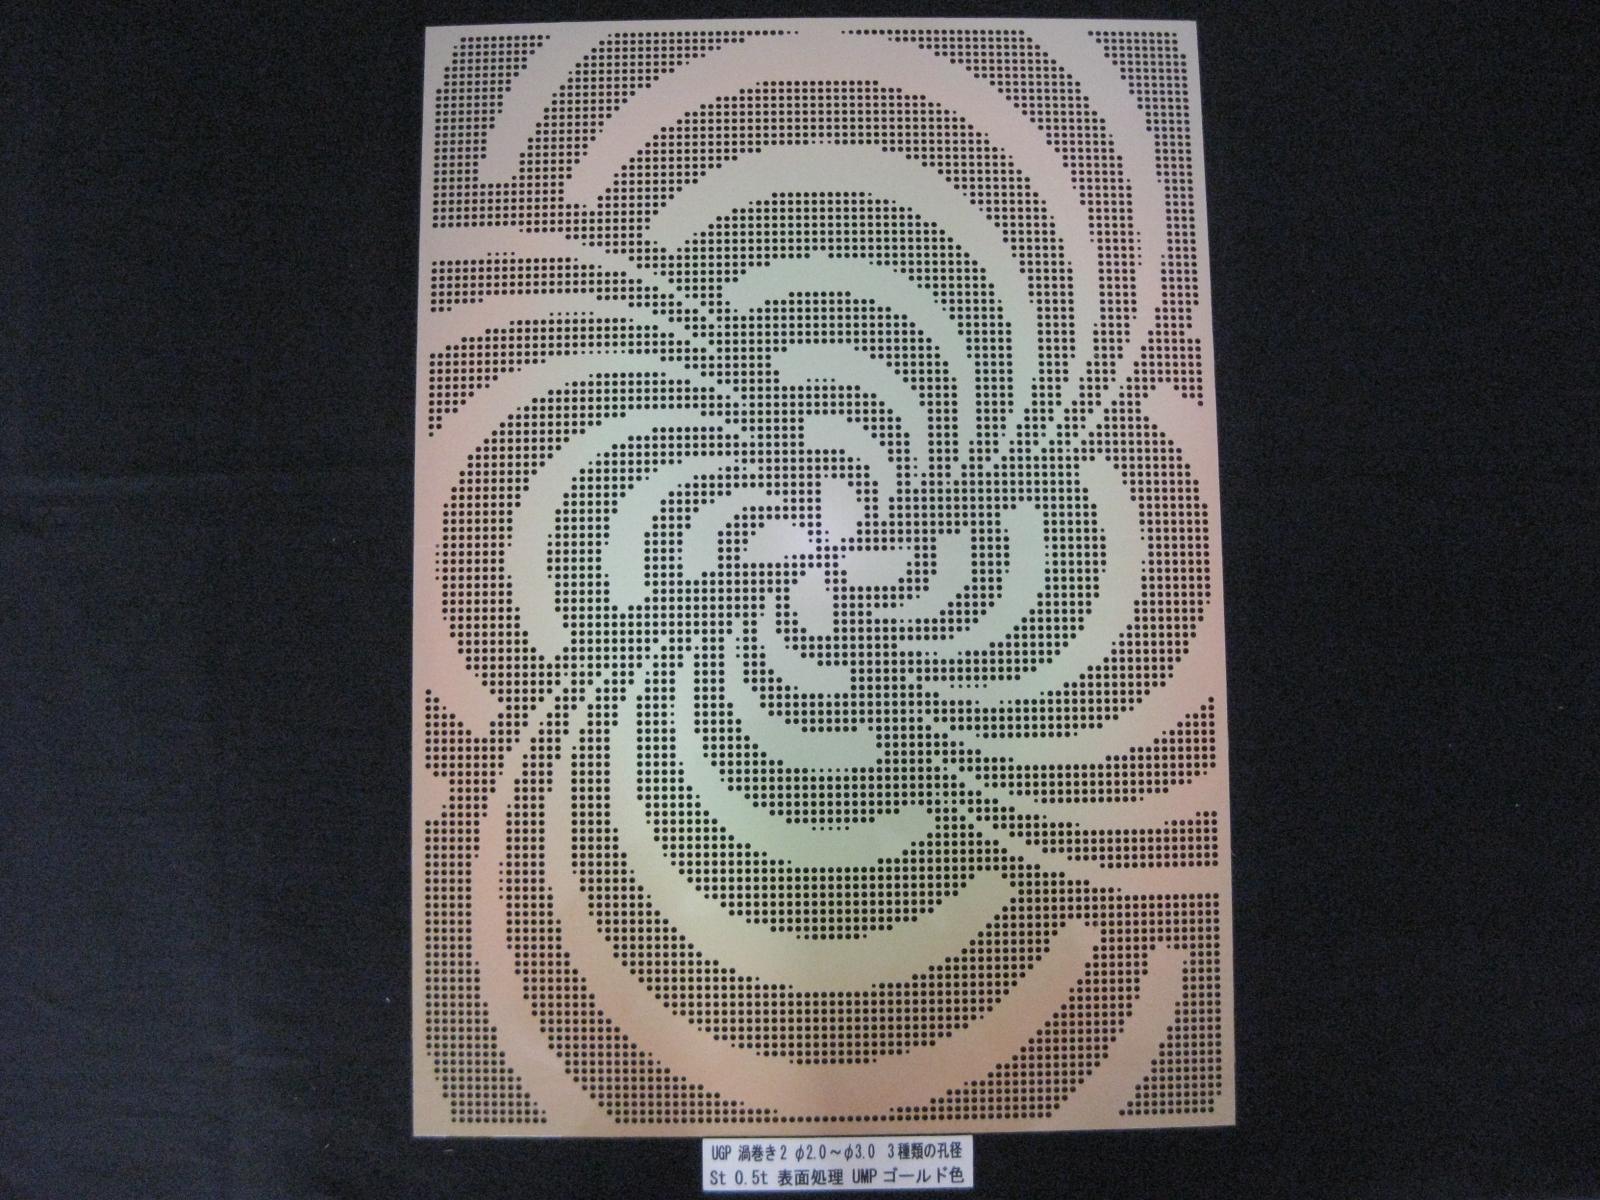 グラフィックパンチングメタル(鋼板)